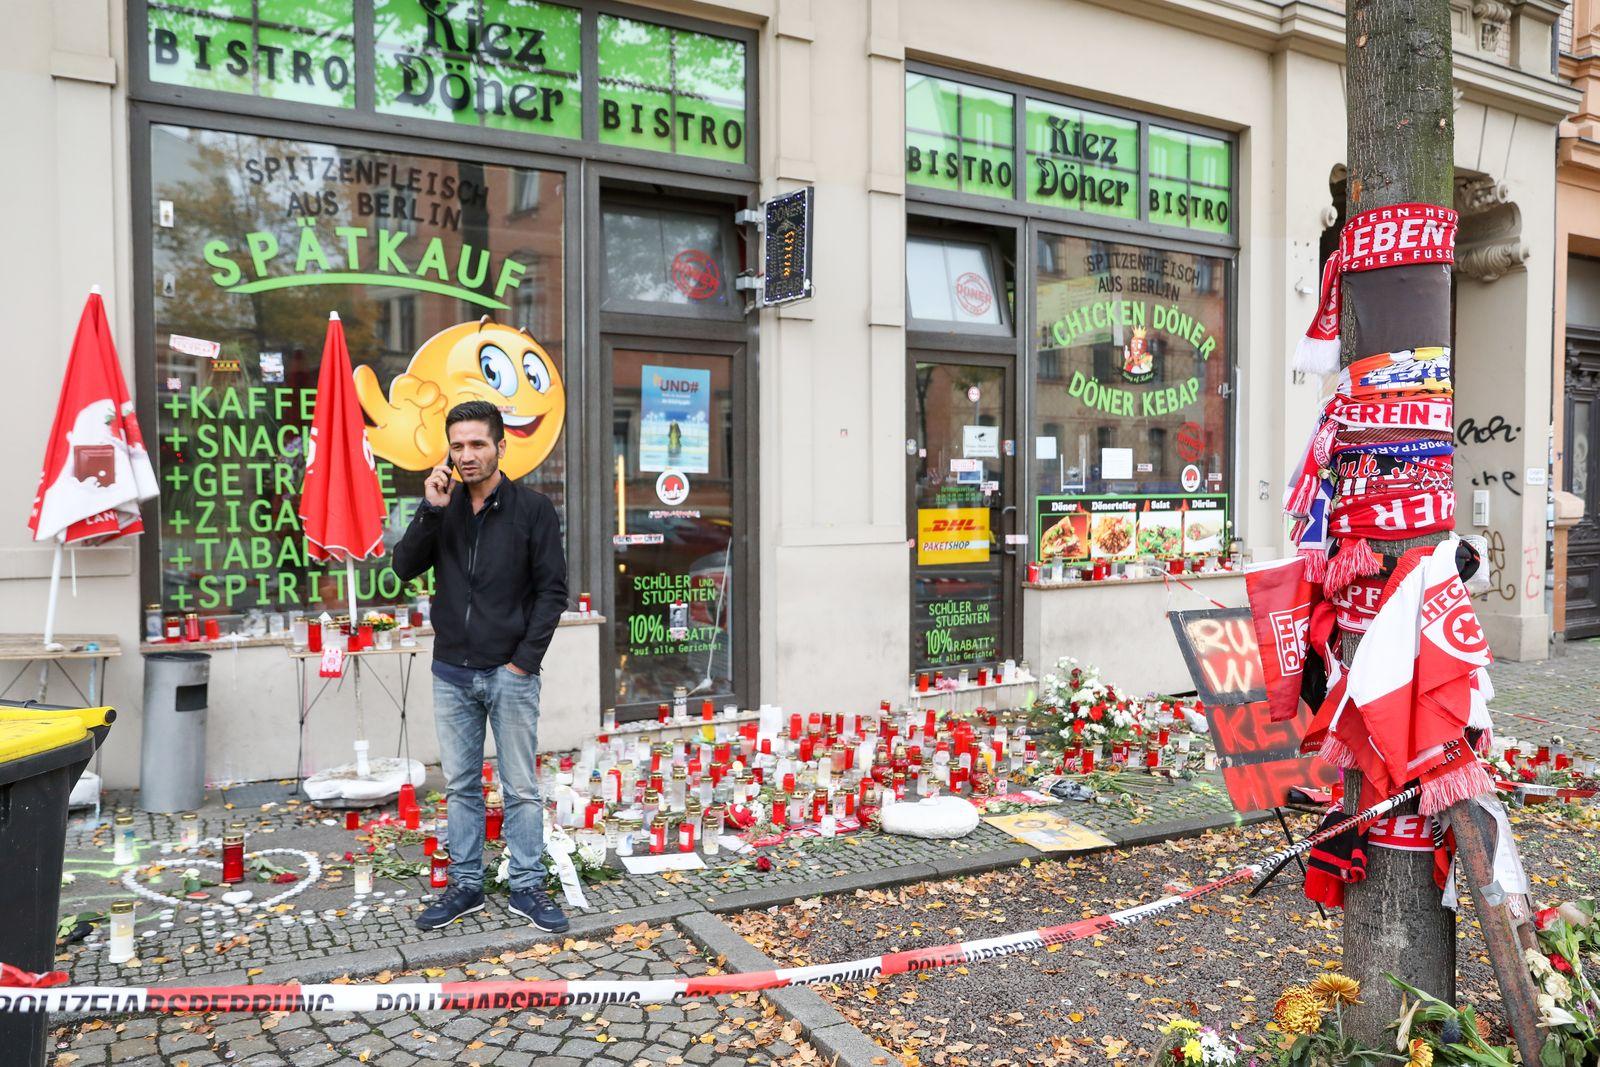 Haseloff und Opferbeauftragter in Halle